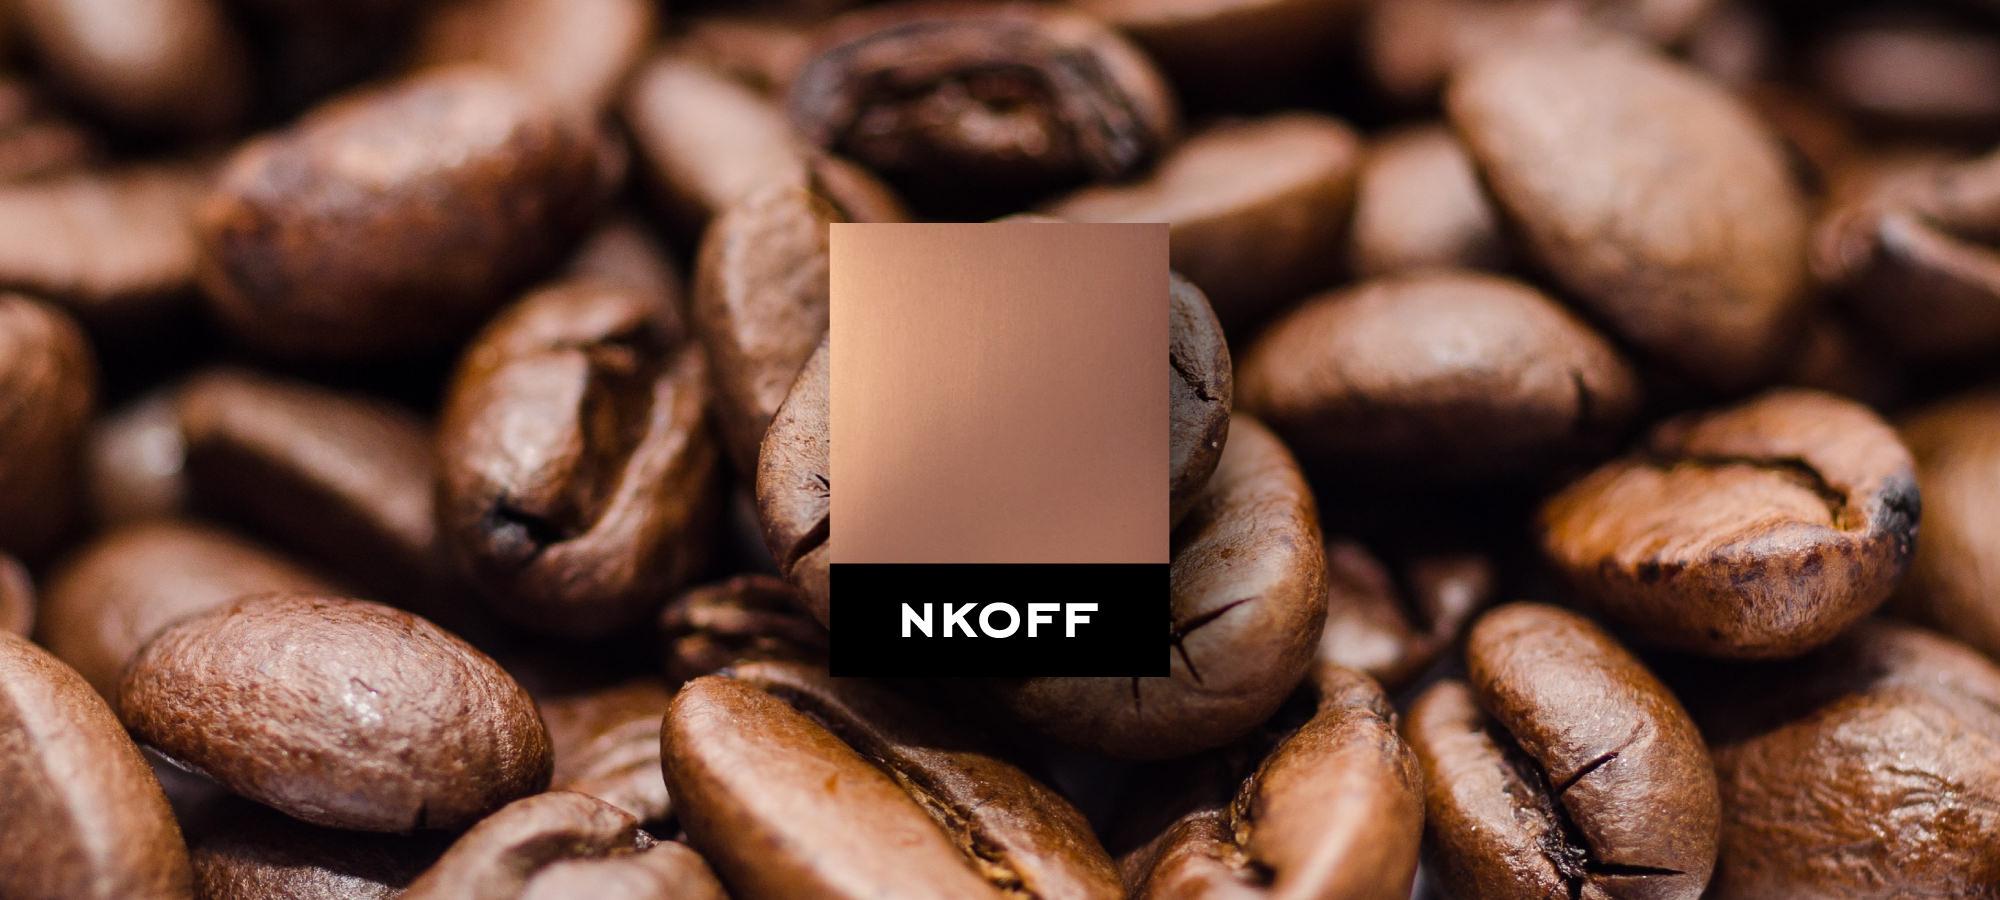 nkoff-header